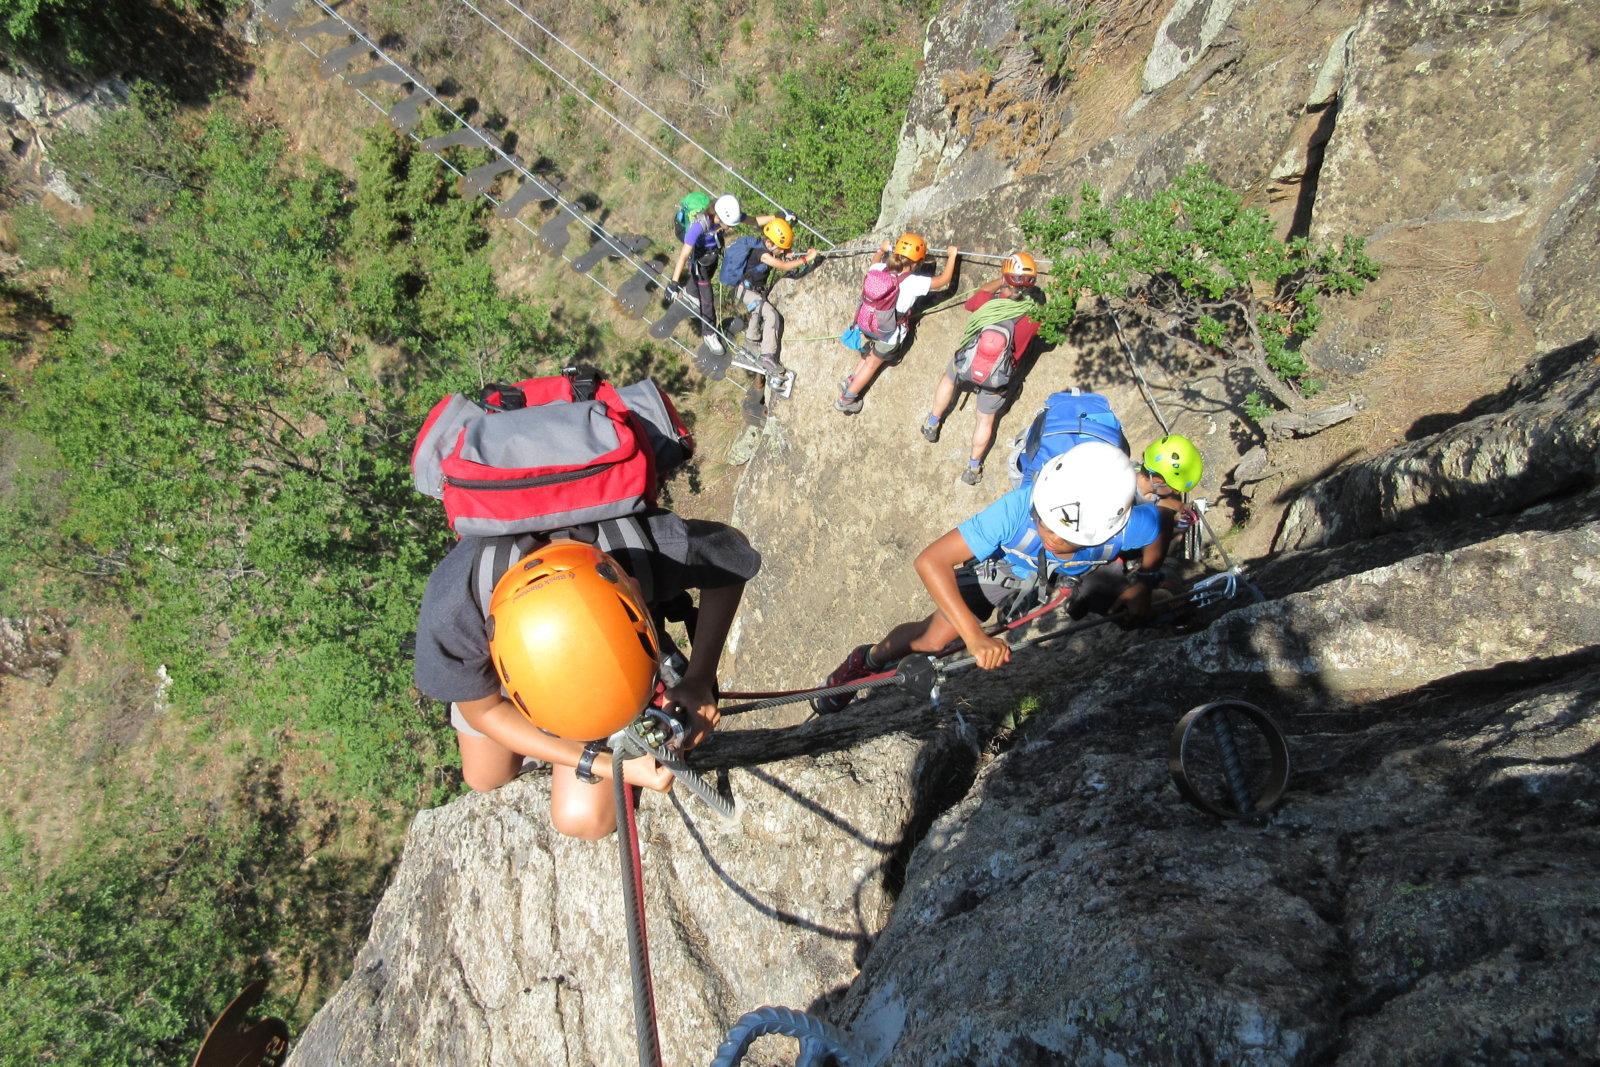 Kletterausrüstung Naturns : Kletterausrüstung naturns: hoachwool klettersteig naturns.